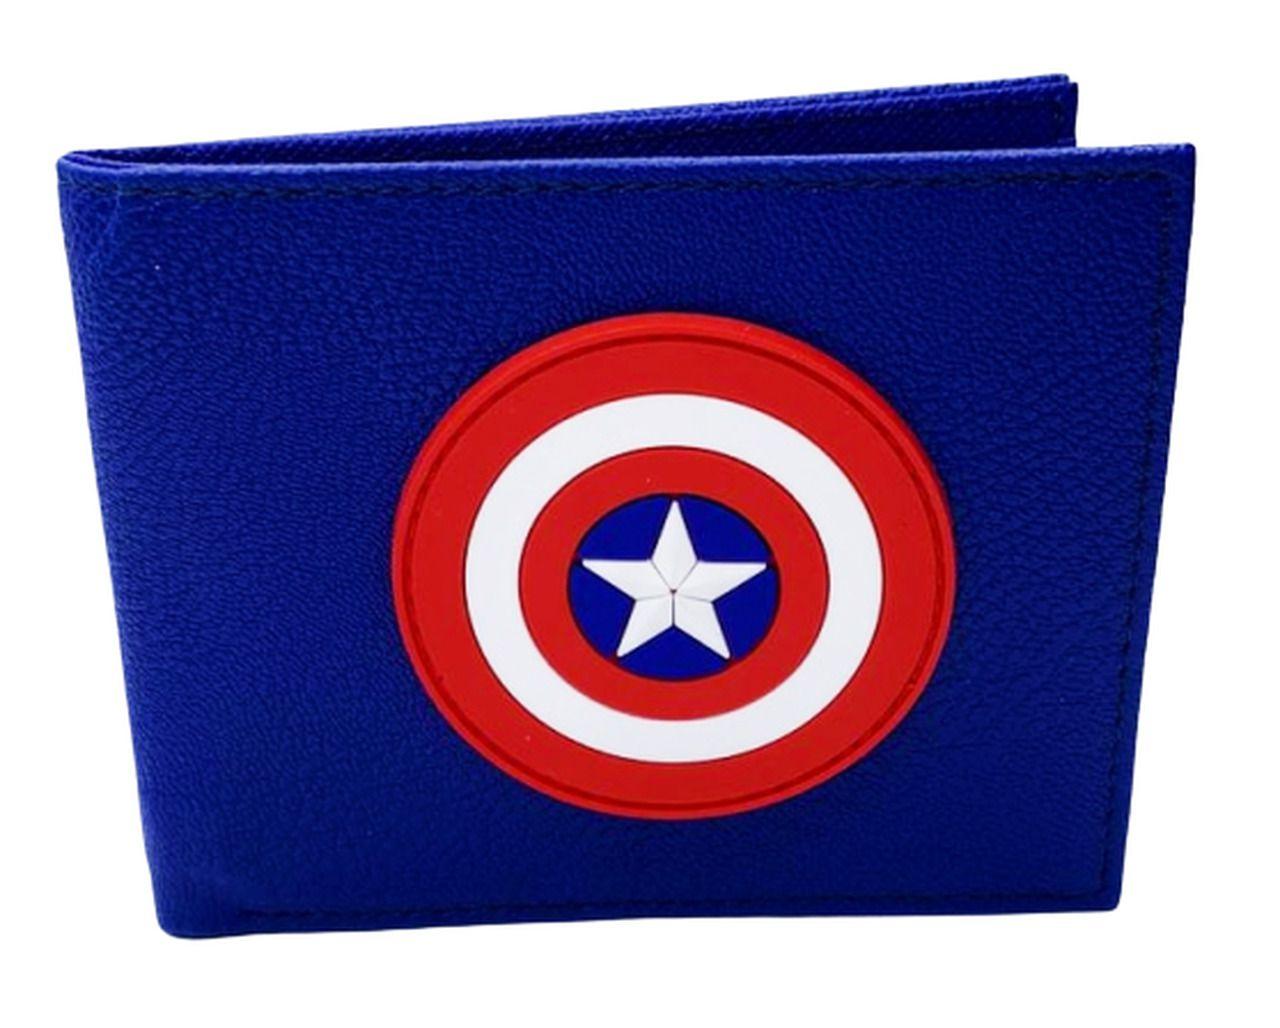 Carteira Escudo Capitão América (Captain America): Marvel Comics